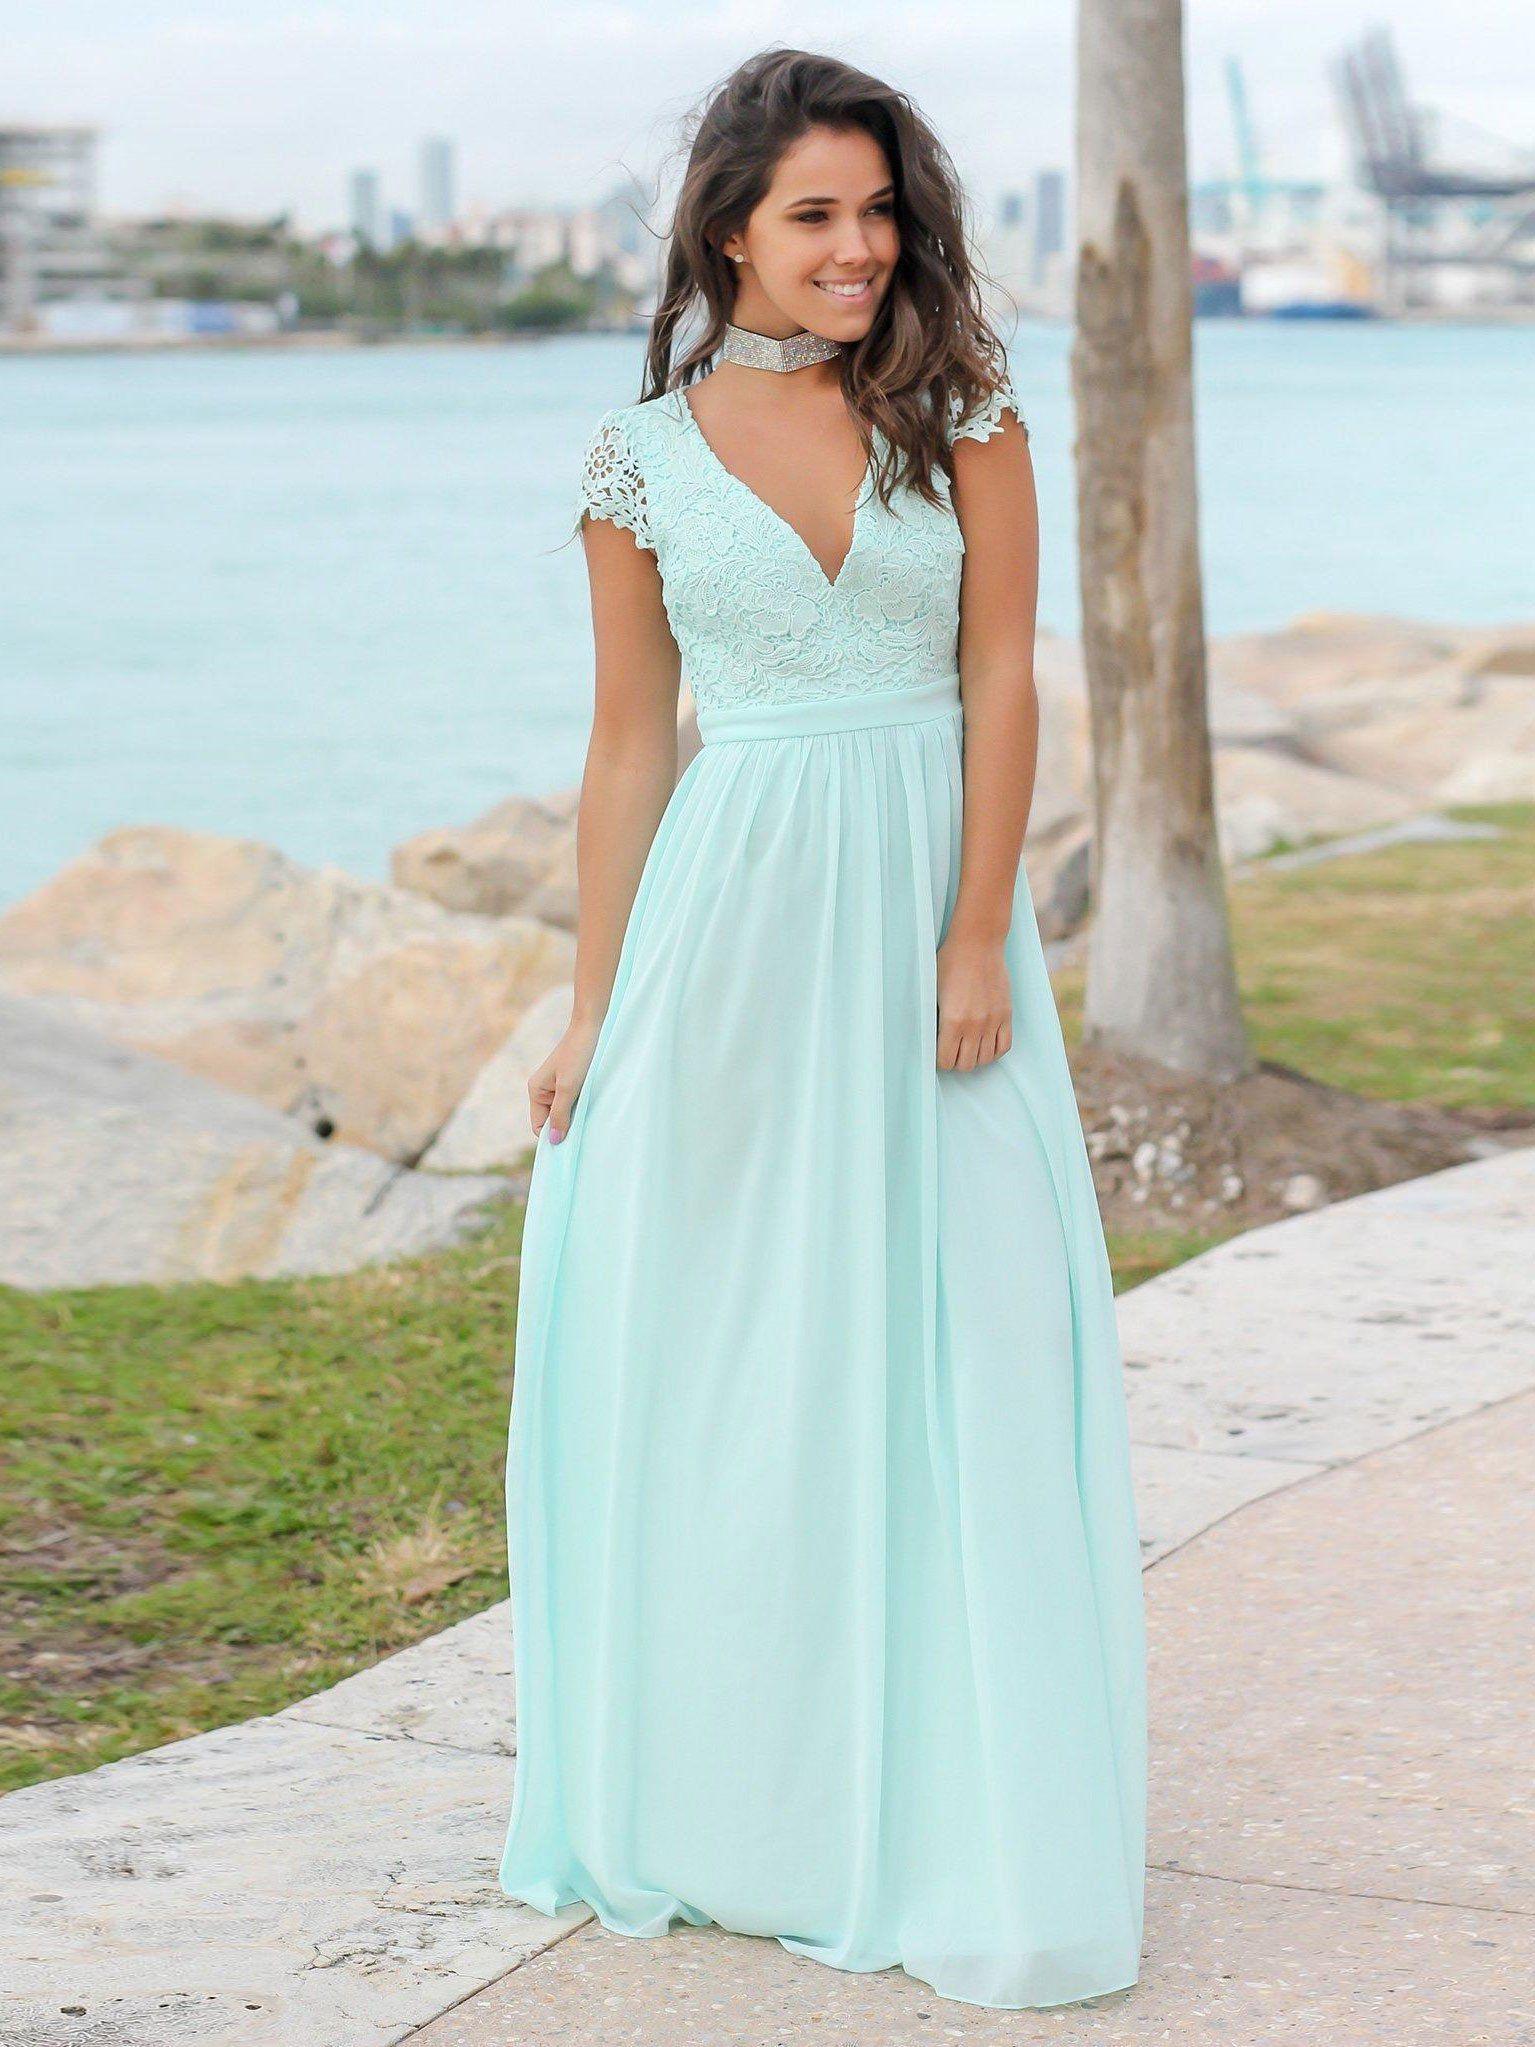 Evening wedding guest dresses  Light Blue Summer Formal Evening Dresses V Neck Simple Lace Wedding